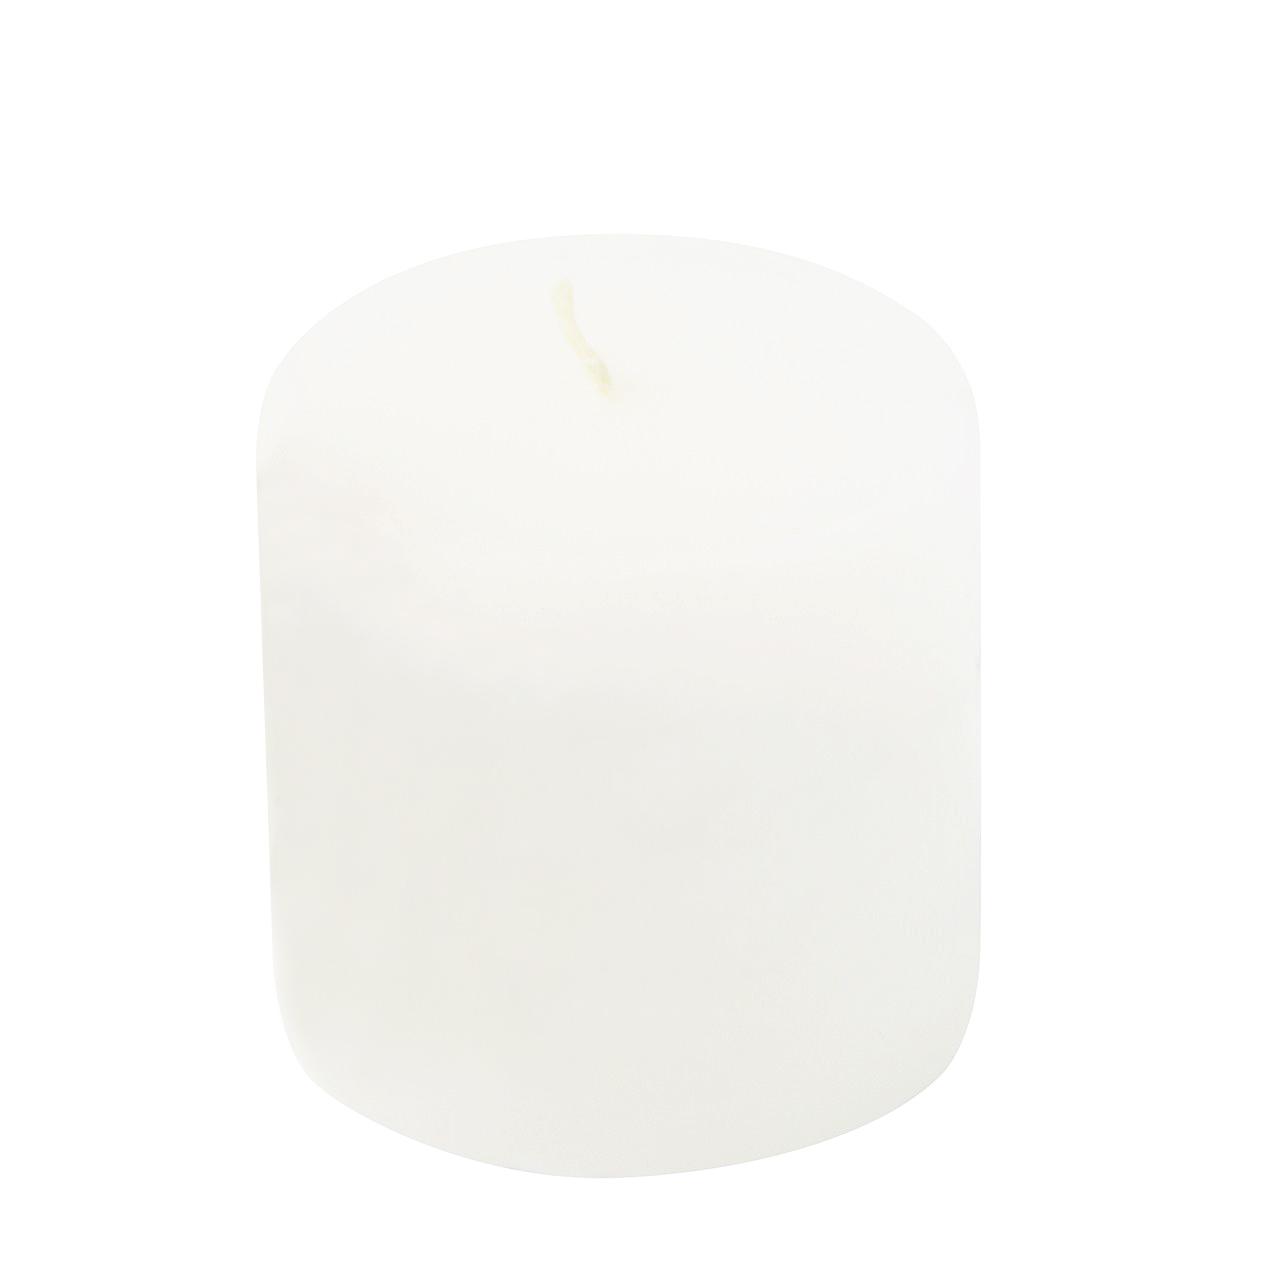 شمع هونیا کد استوانه ای 333